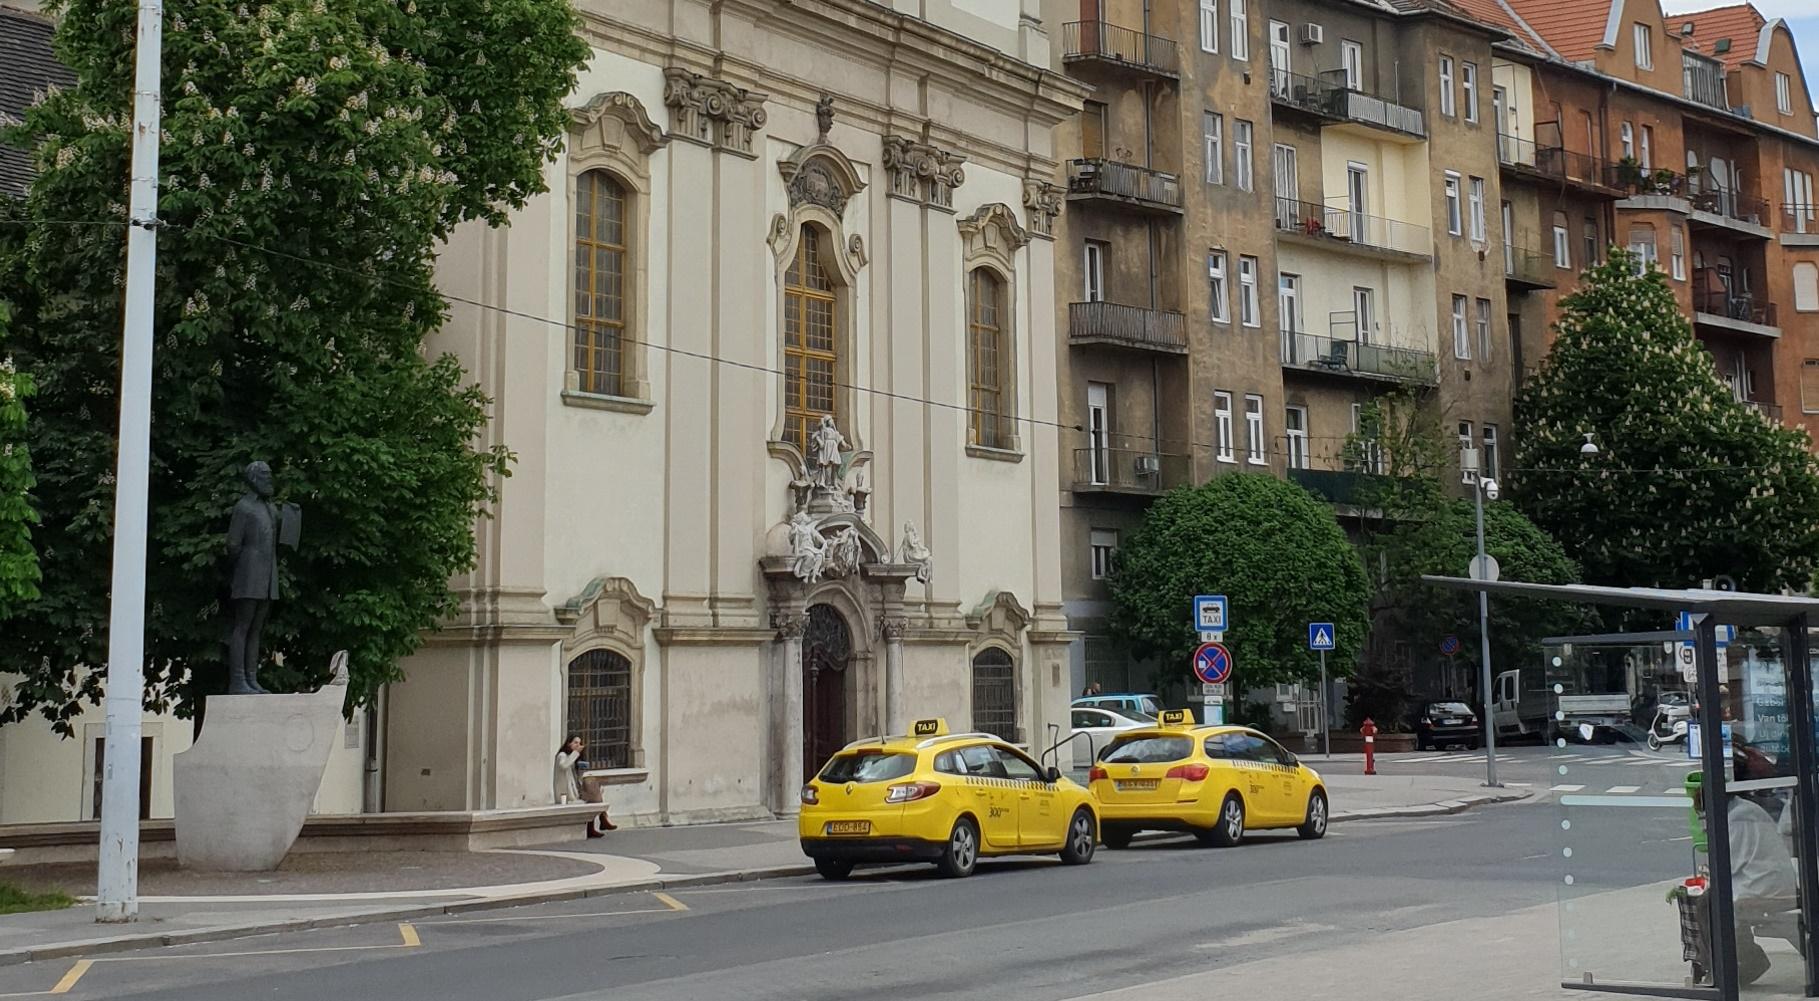 Żółte taksówki w Budapeszcie